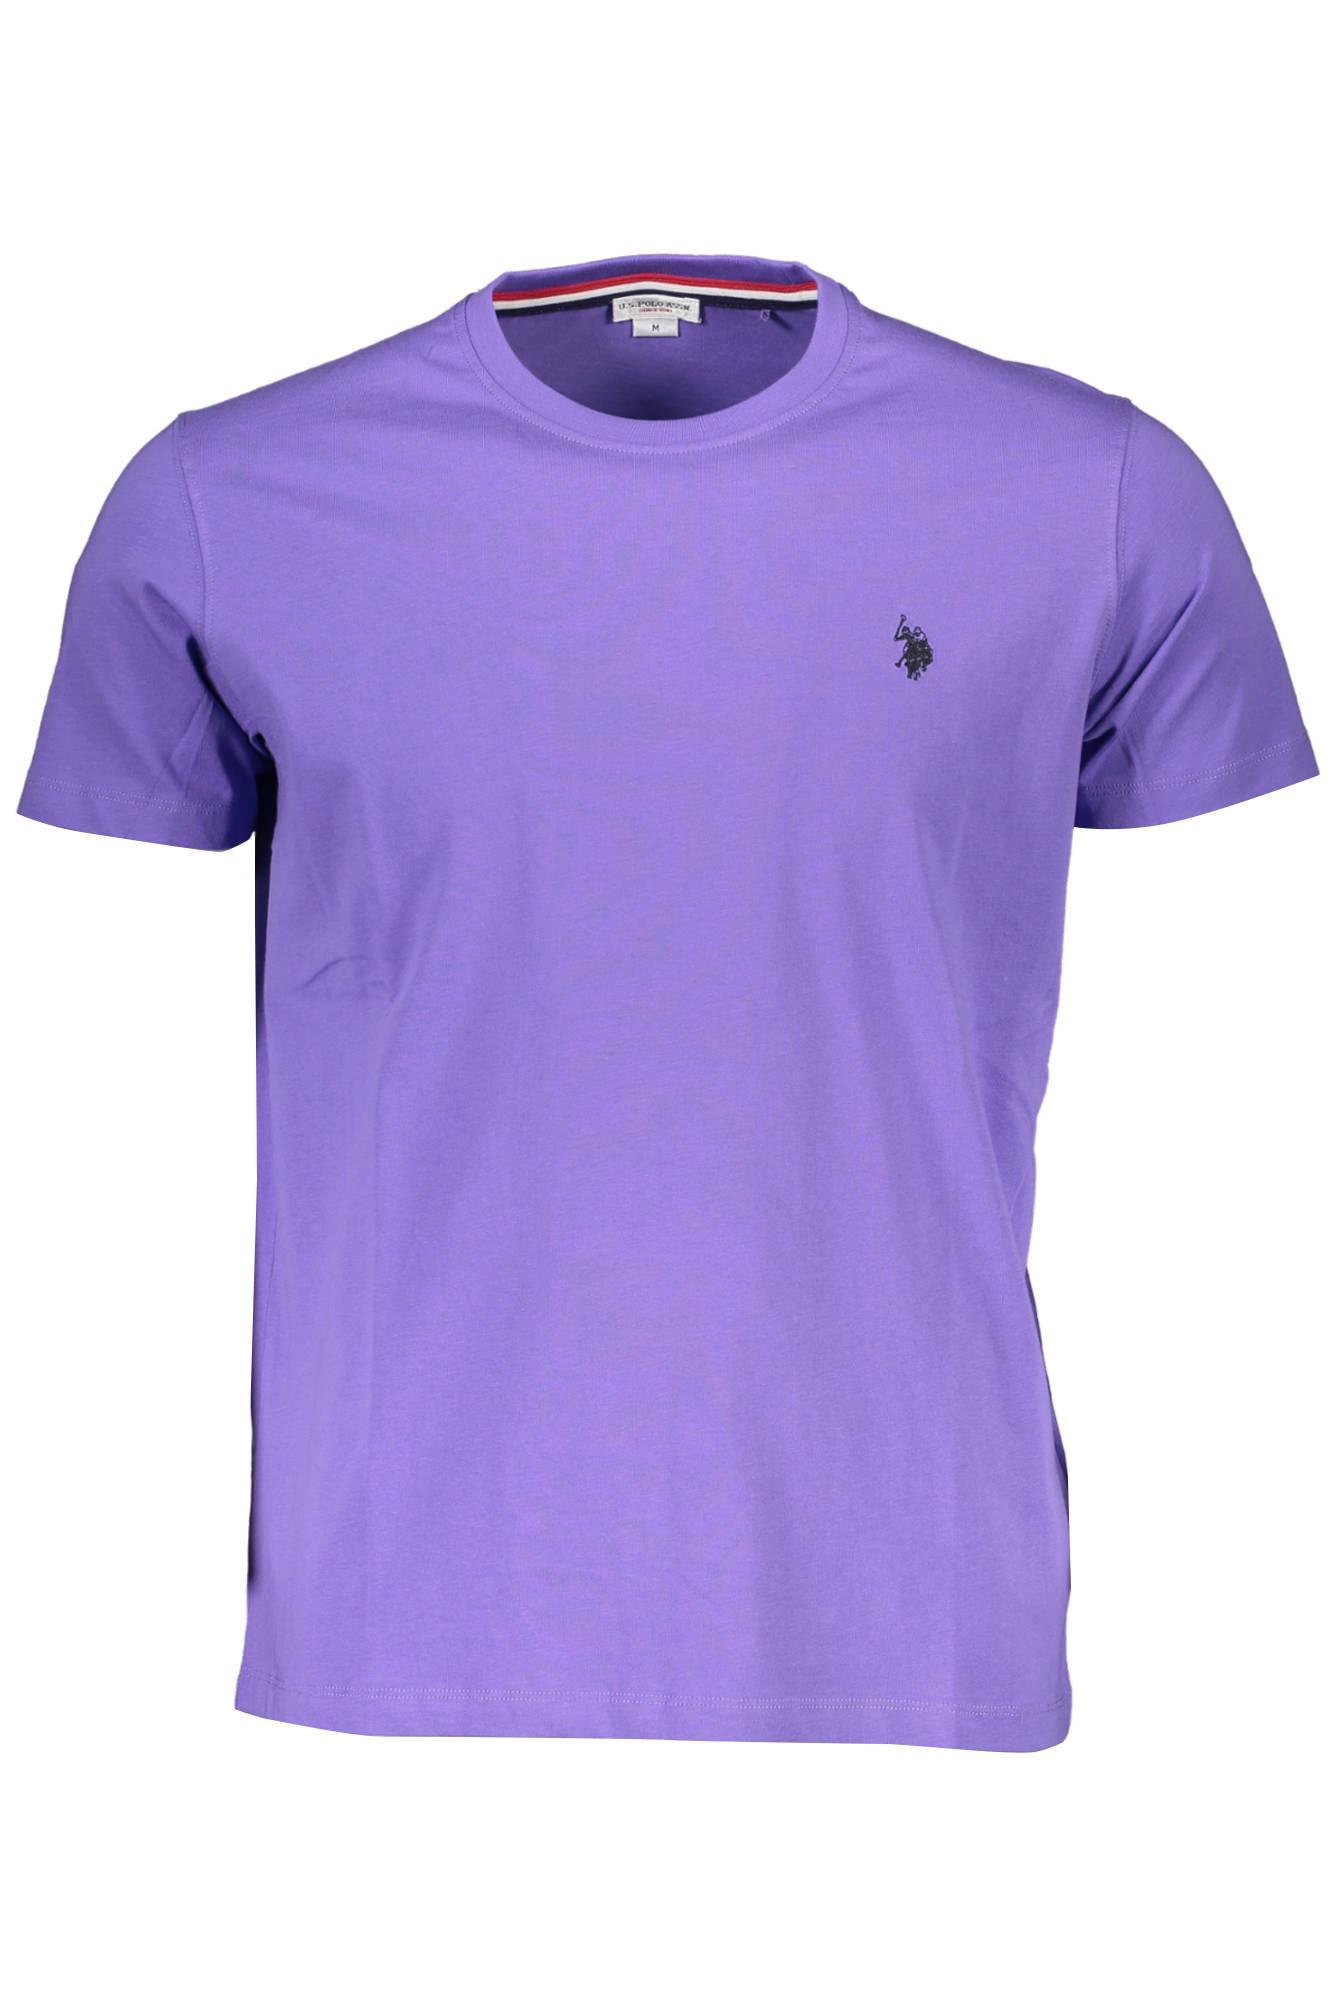 Tričko U.S. POLO tričko s krátkým rukávem VIOLA